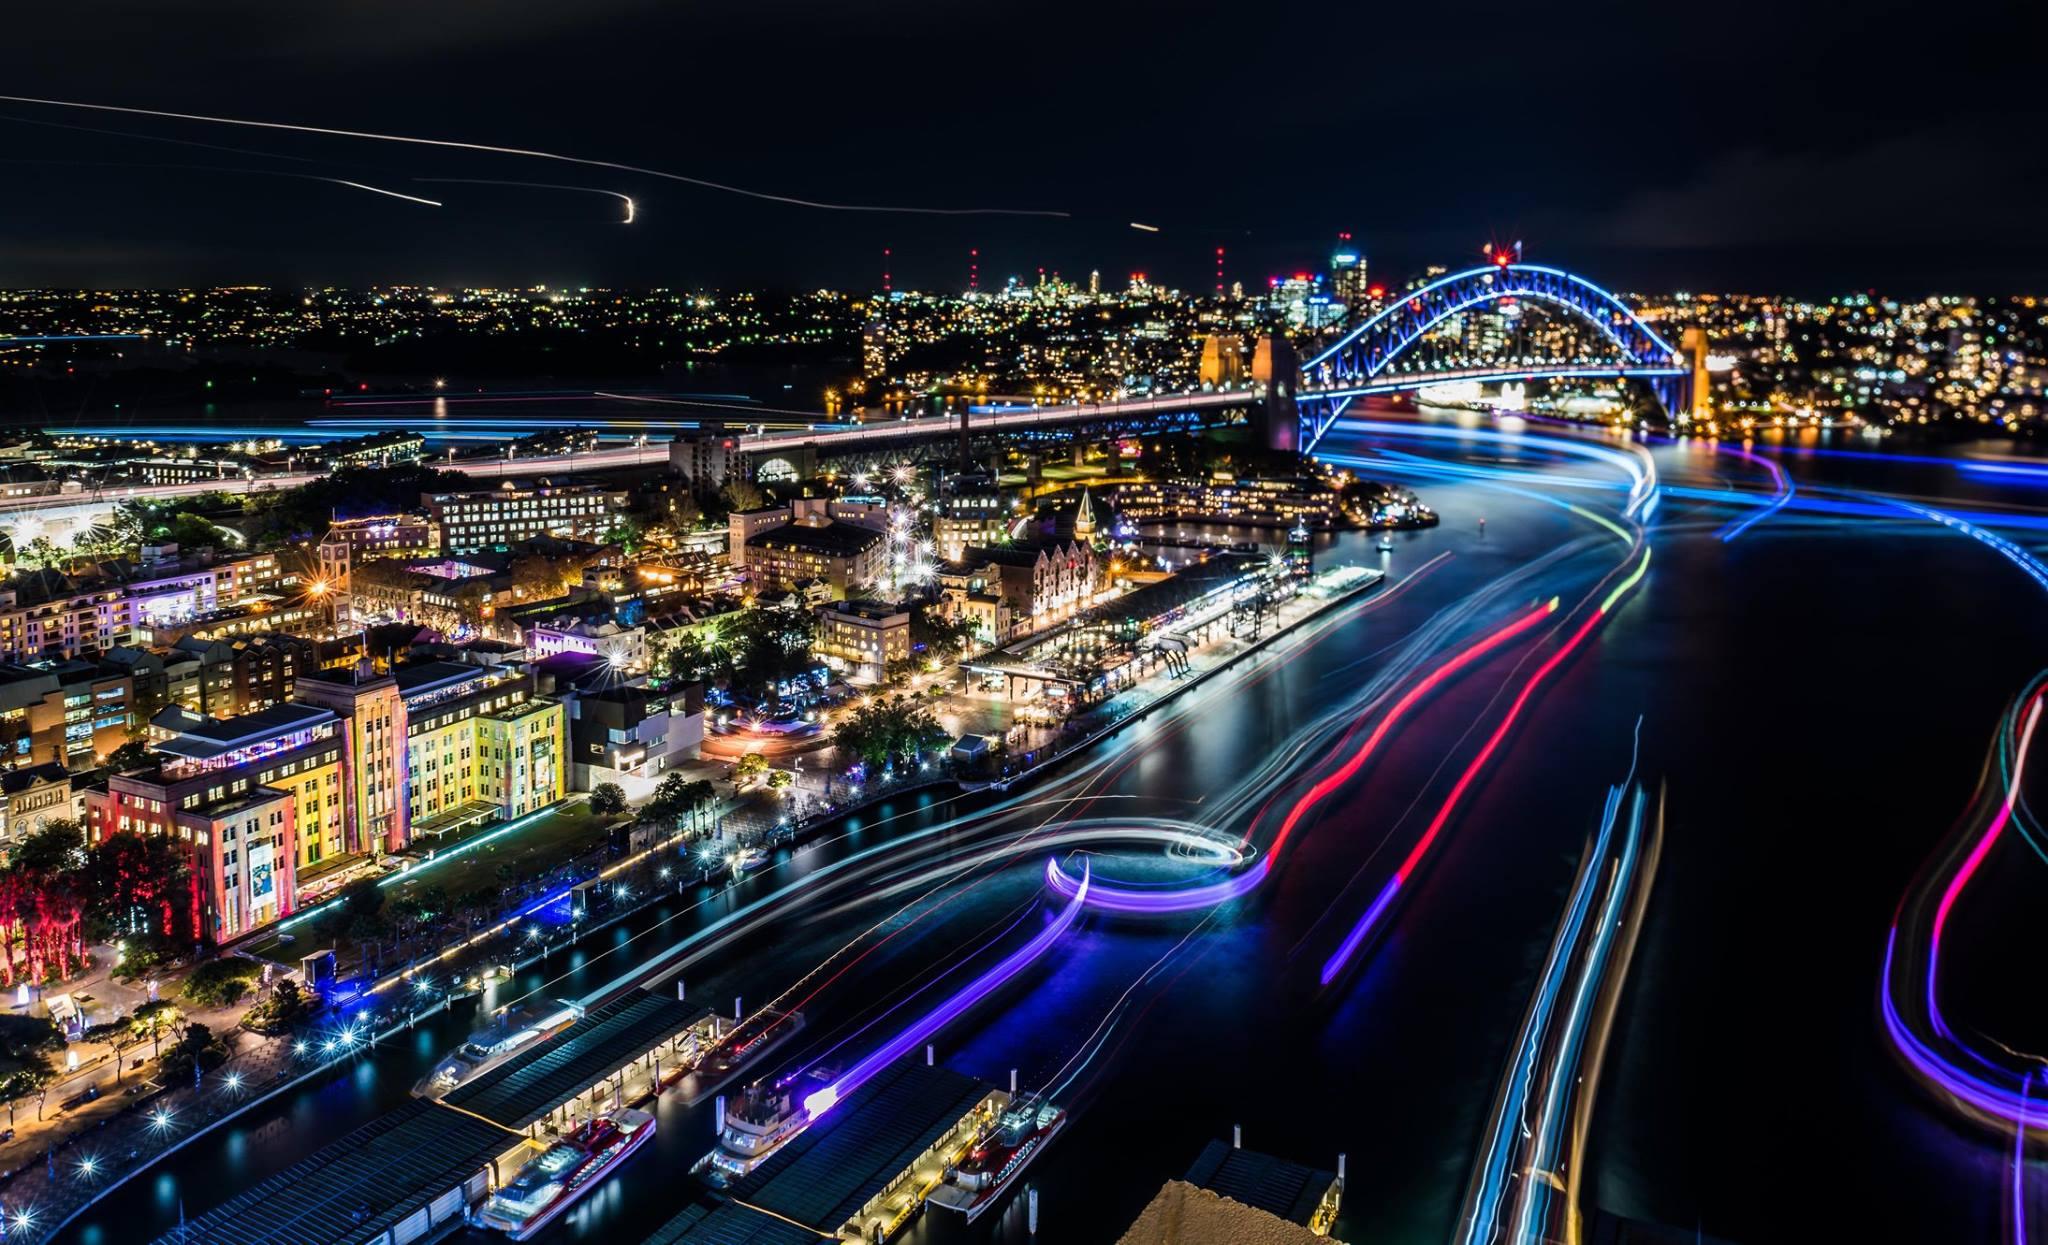 13. Весь морской транспорт принимал участие в этом удивительном световом шоу. Вот так прошел фестиваль света Vivid Sydney в 2016 году. Трудно представить, что приготовят жителям Сиднея в 2017 году. Скорее всего это будет настоящее волшебство.